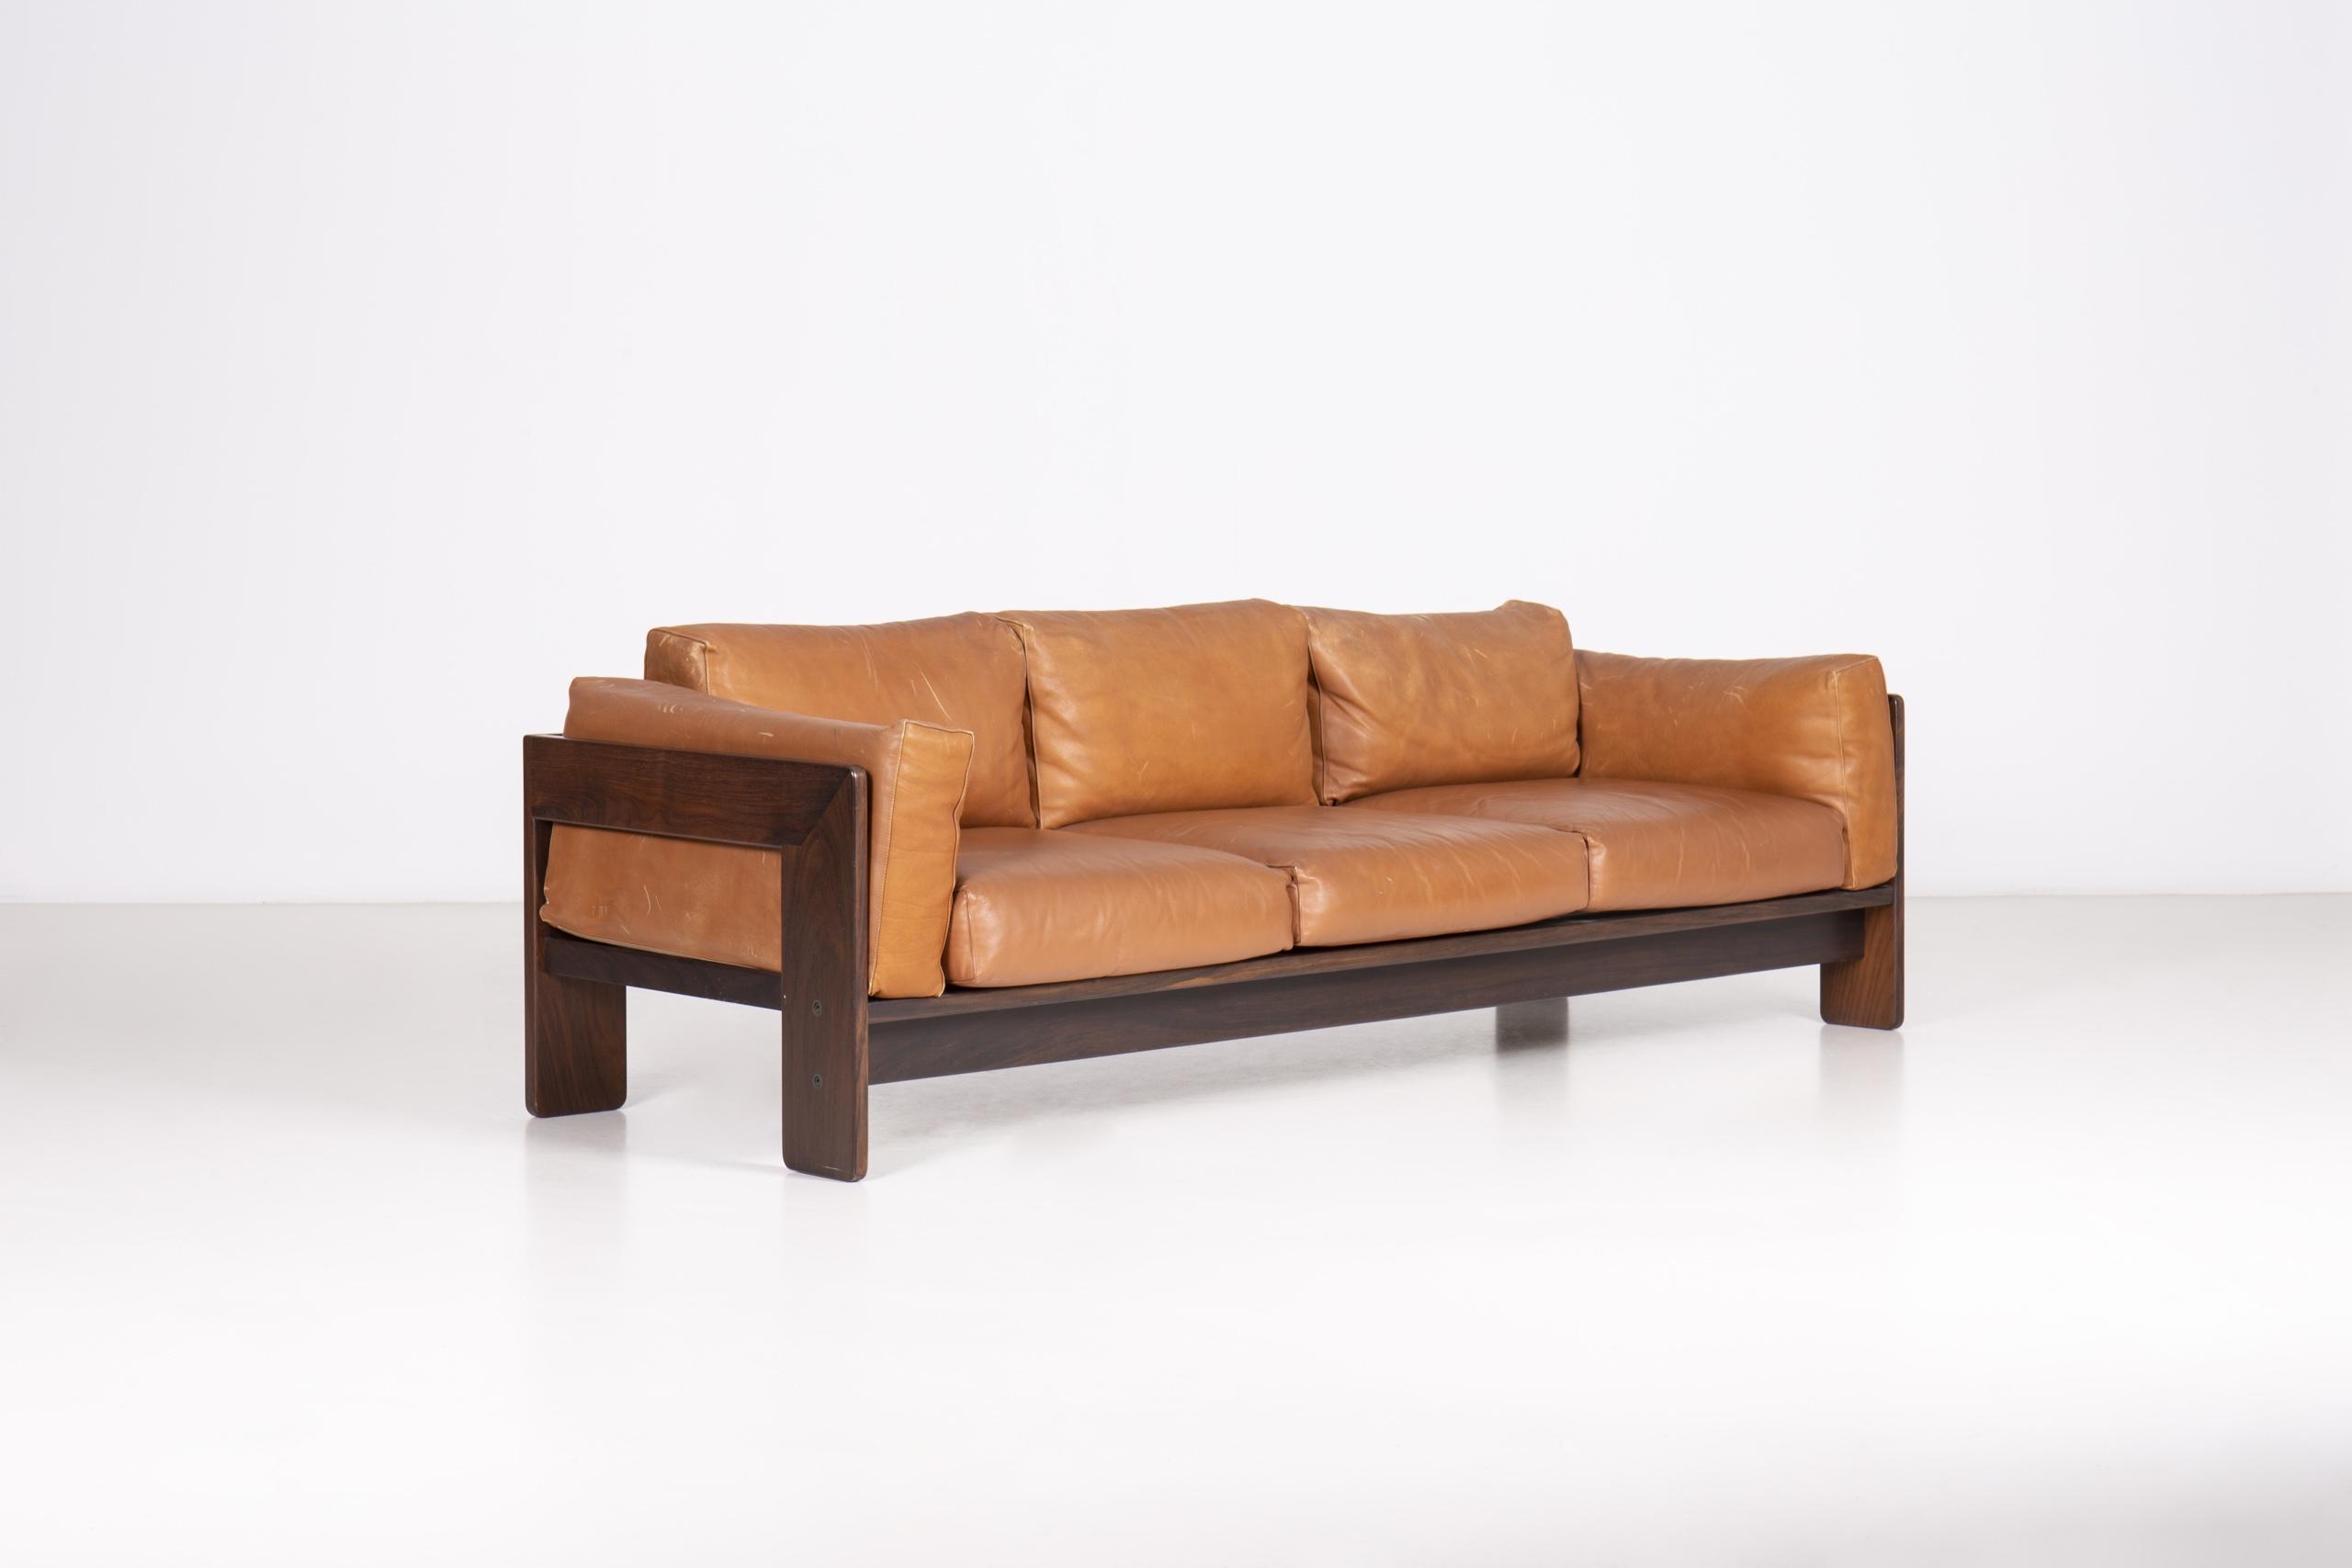 Bastiano sofa by Tobia Scarpa | Paradisoterrestre